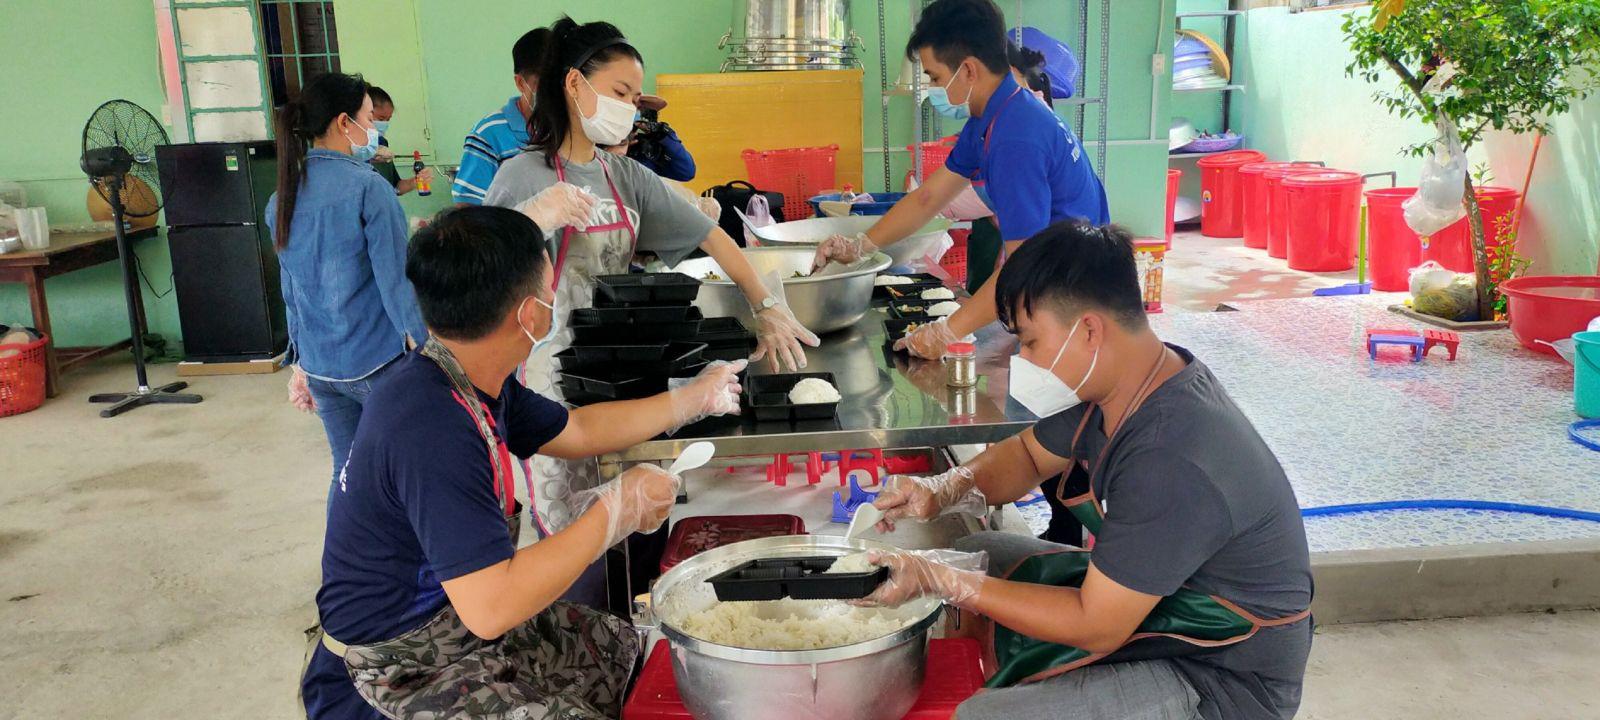 Mỗi ngày, bếp cung cấp khoảng 300 suất ăn cho người bị cách ly, cán bộ, chiến sĩ trực chốt kiểm soát dịch bệnh